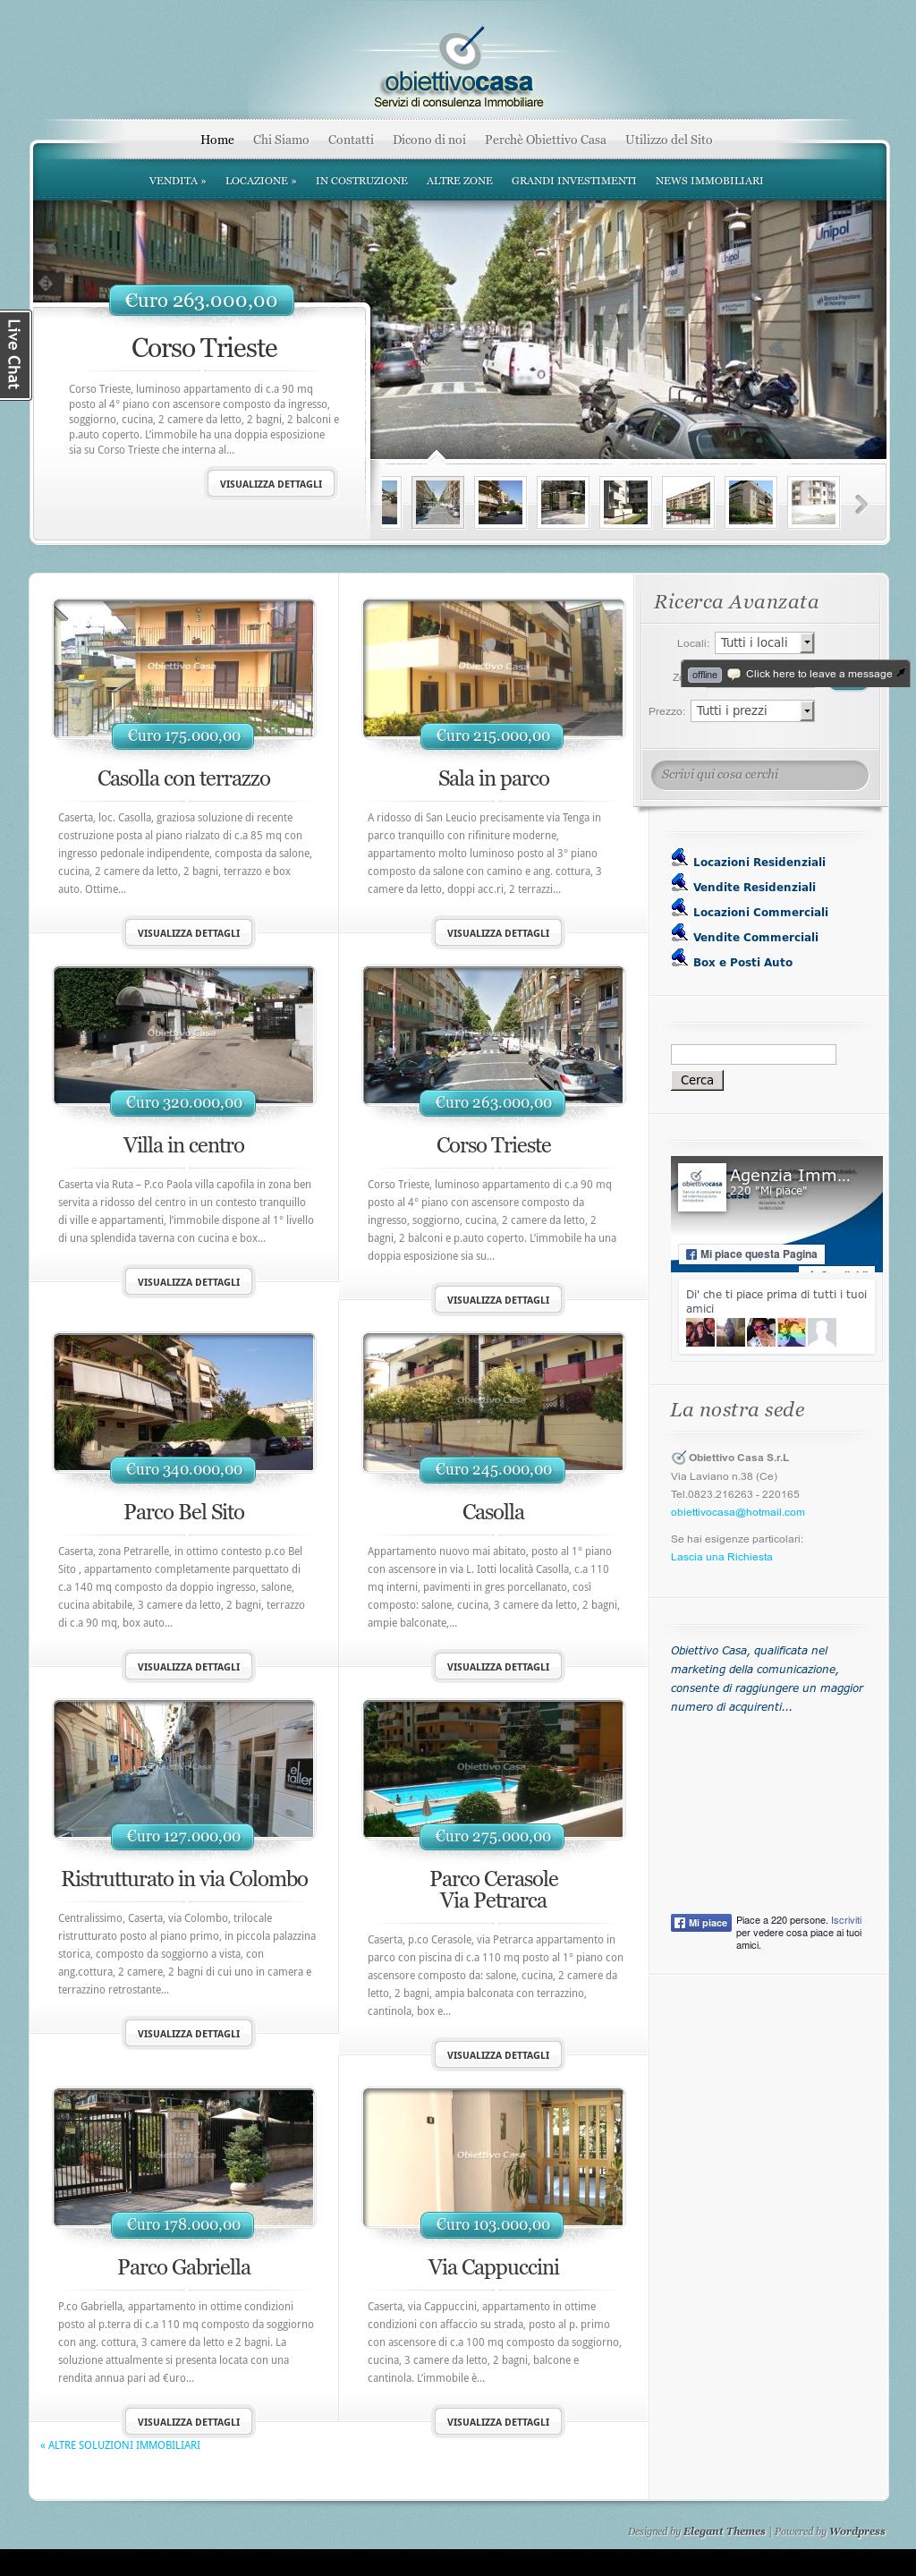 Agenzia Immobiliare Obiettivo Casa Caserta Competitors